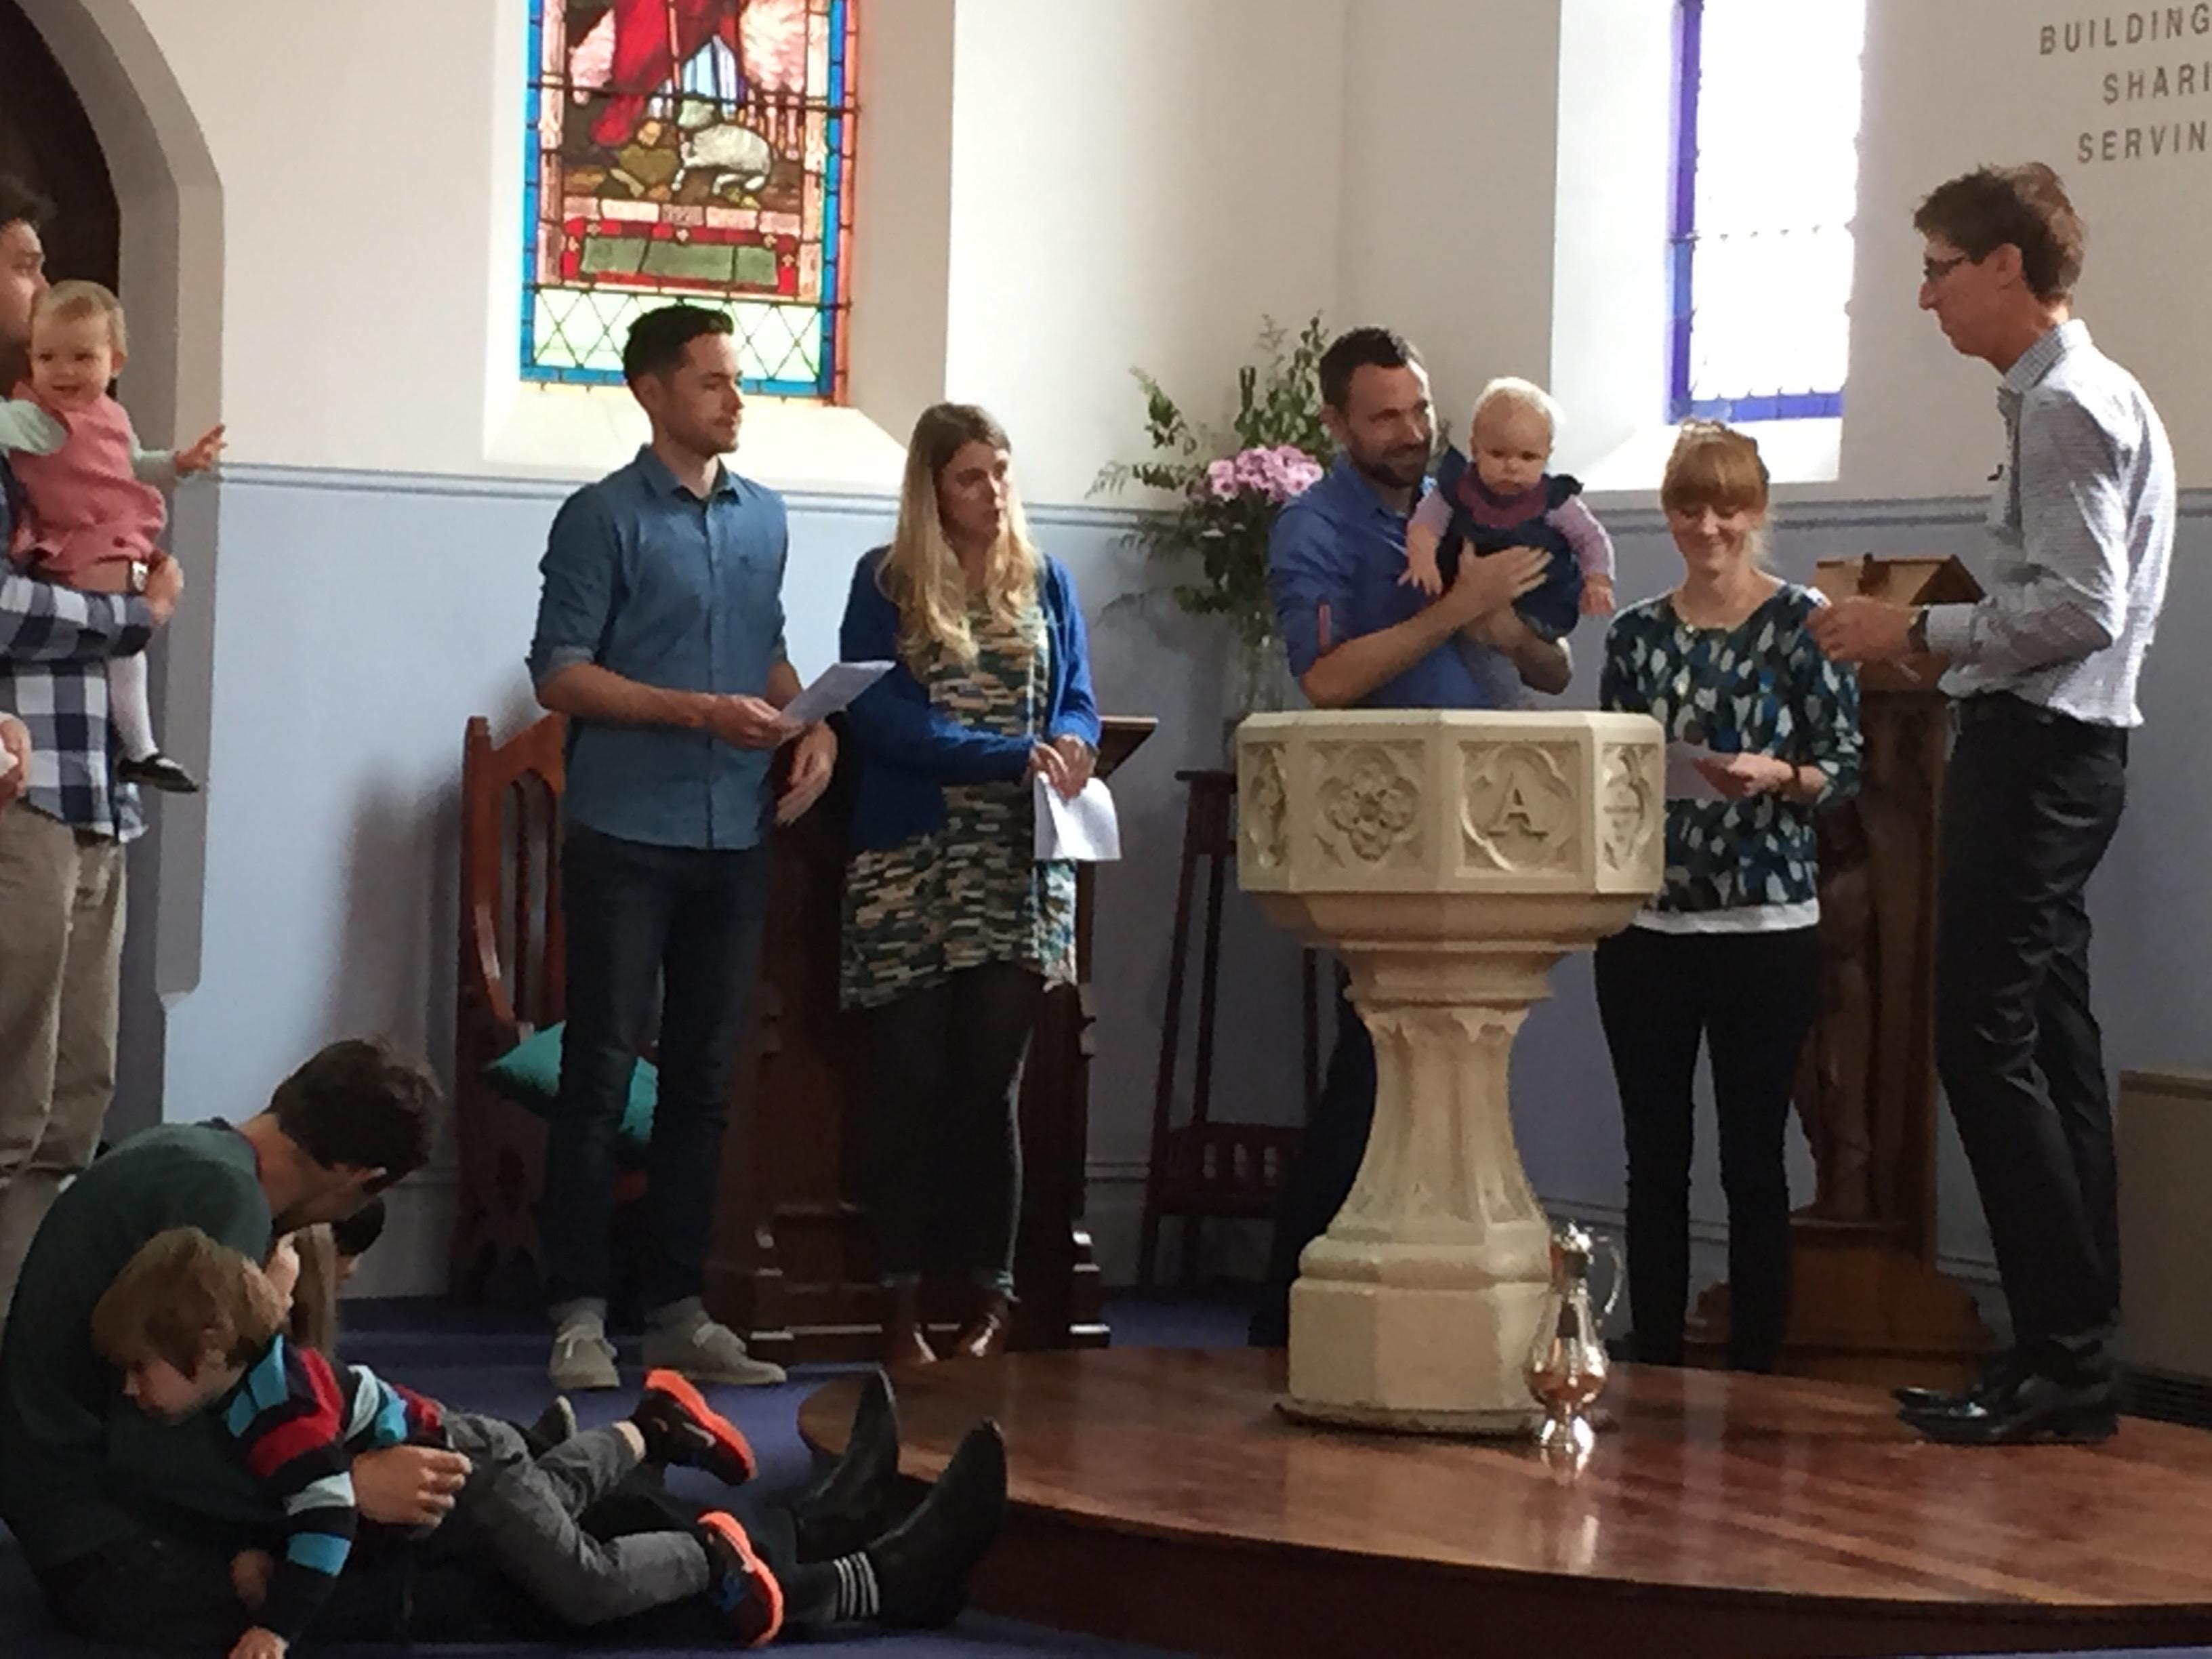 Amber Craven baptism 3